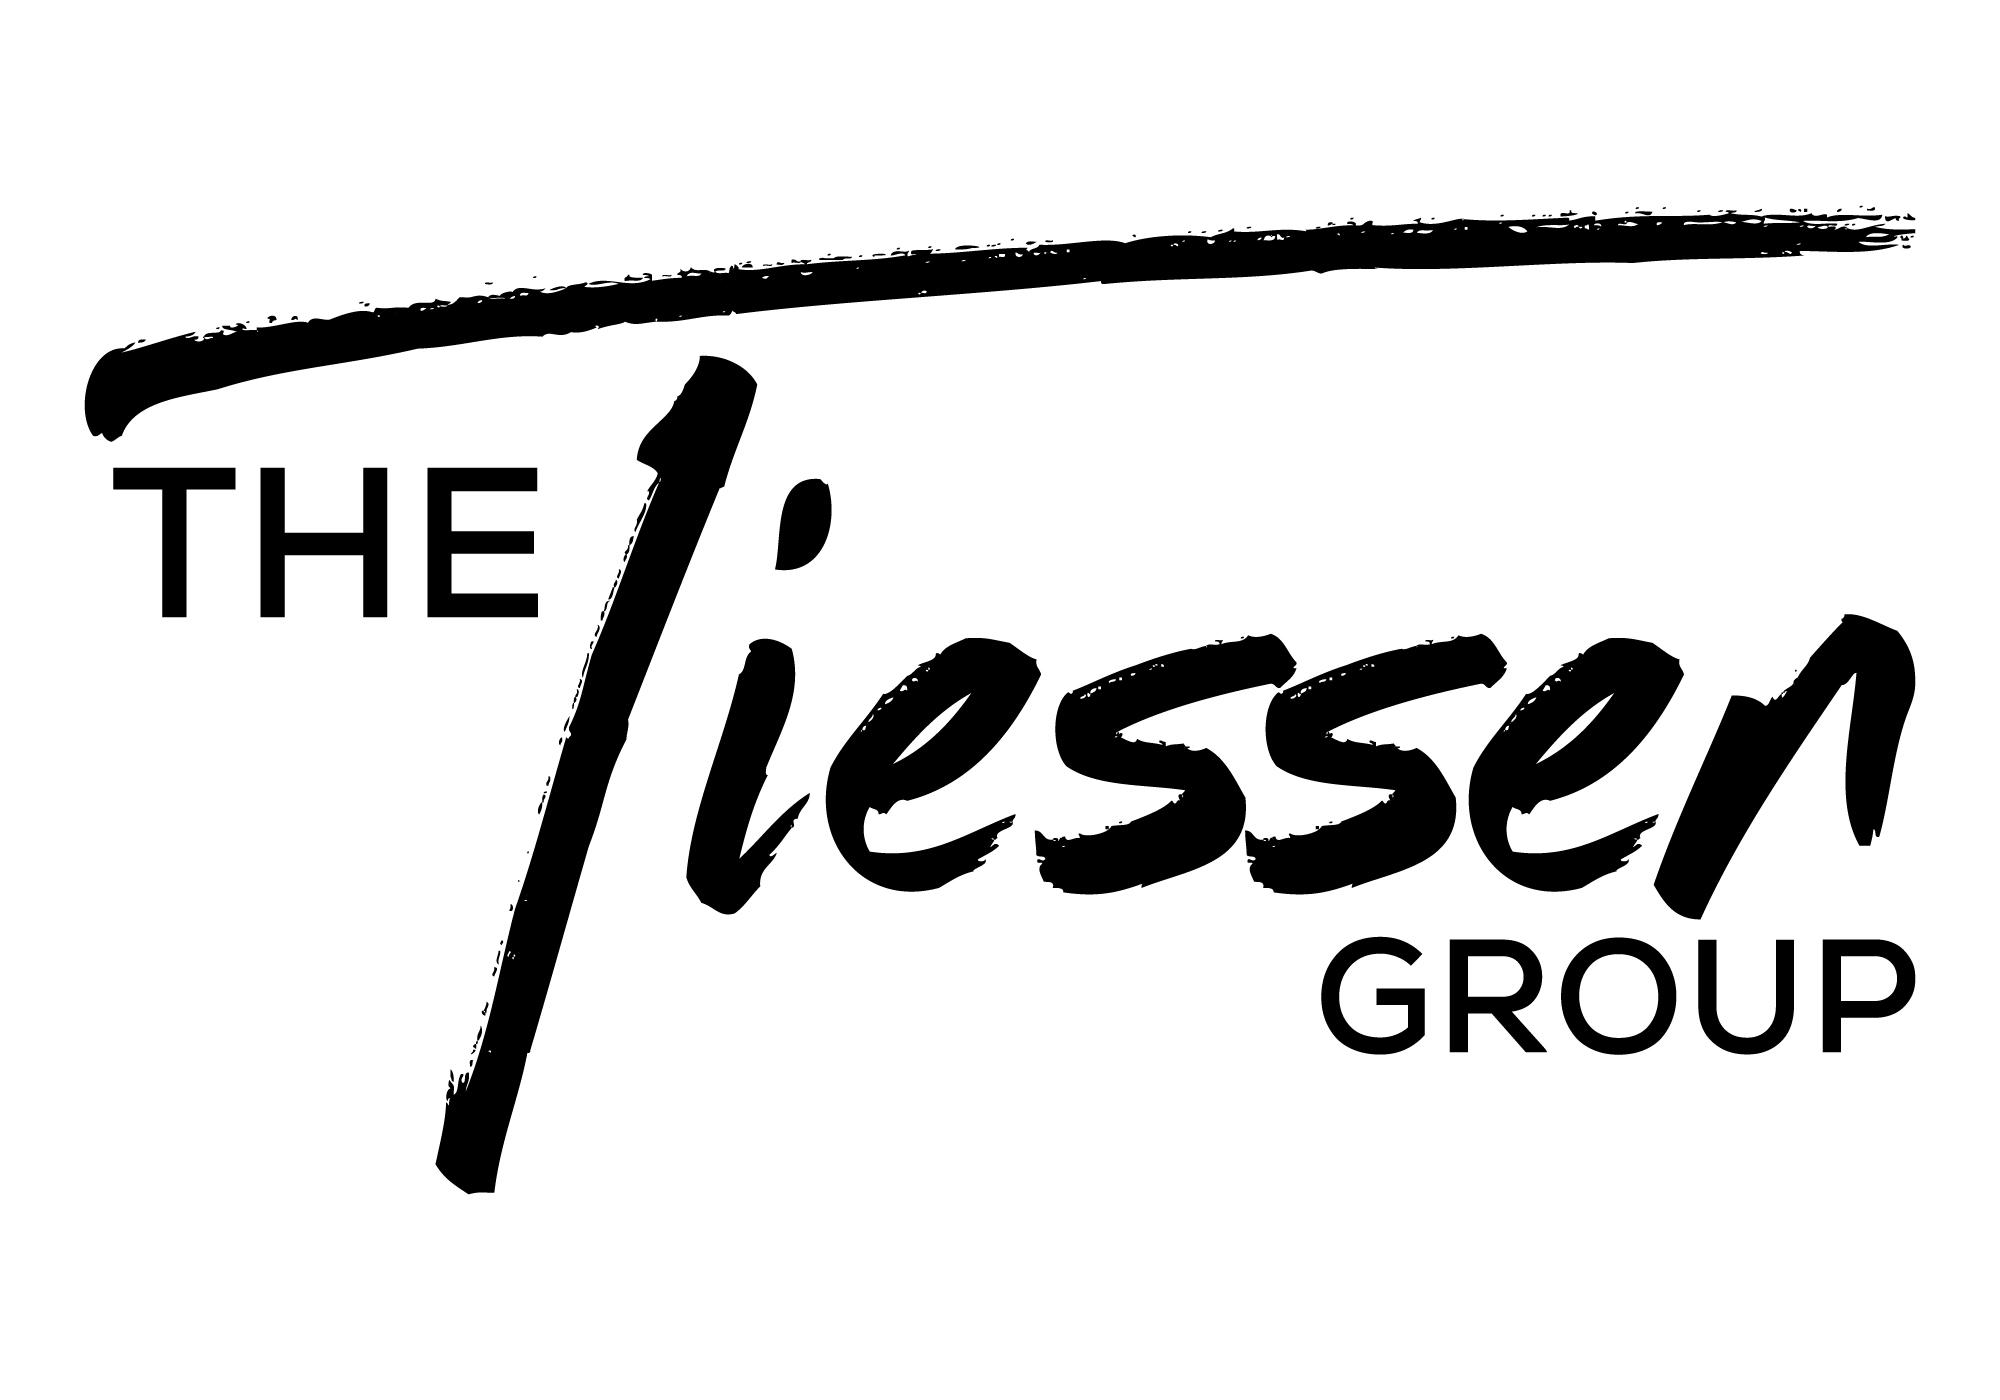 THE TIESSEN GROUP